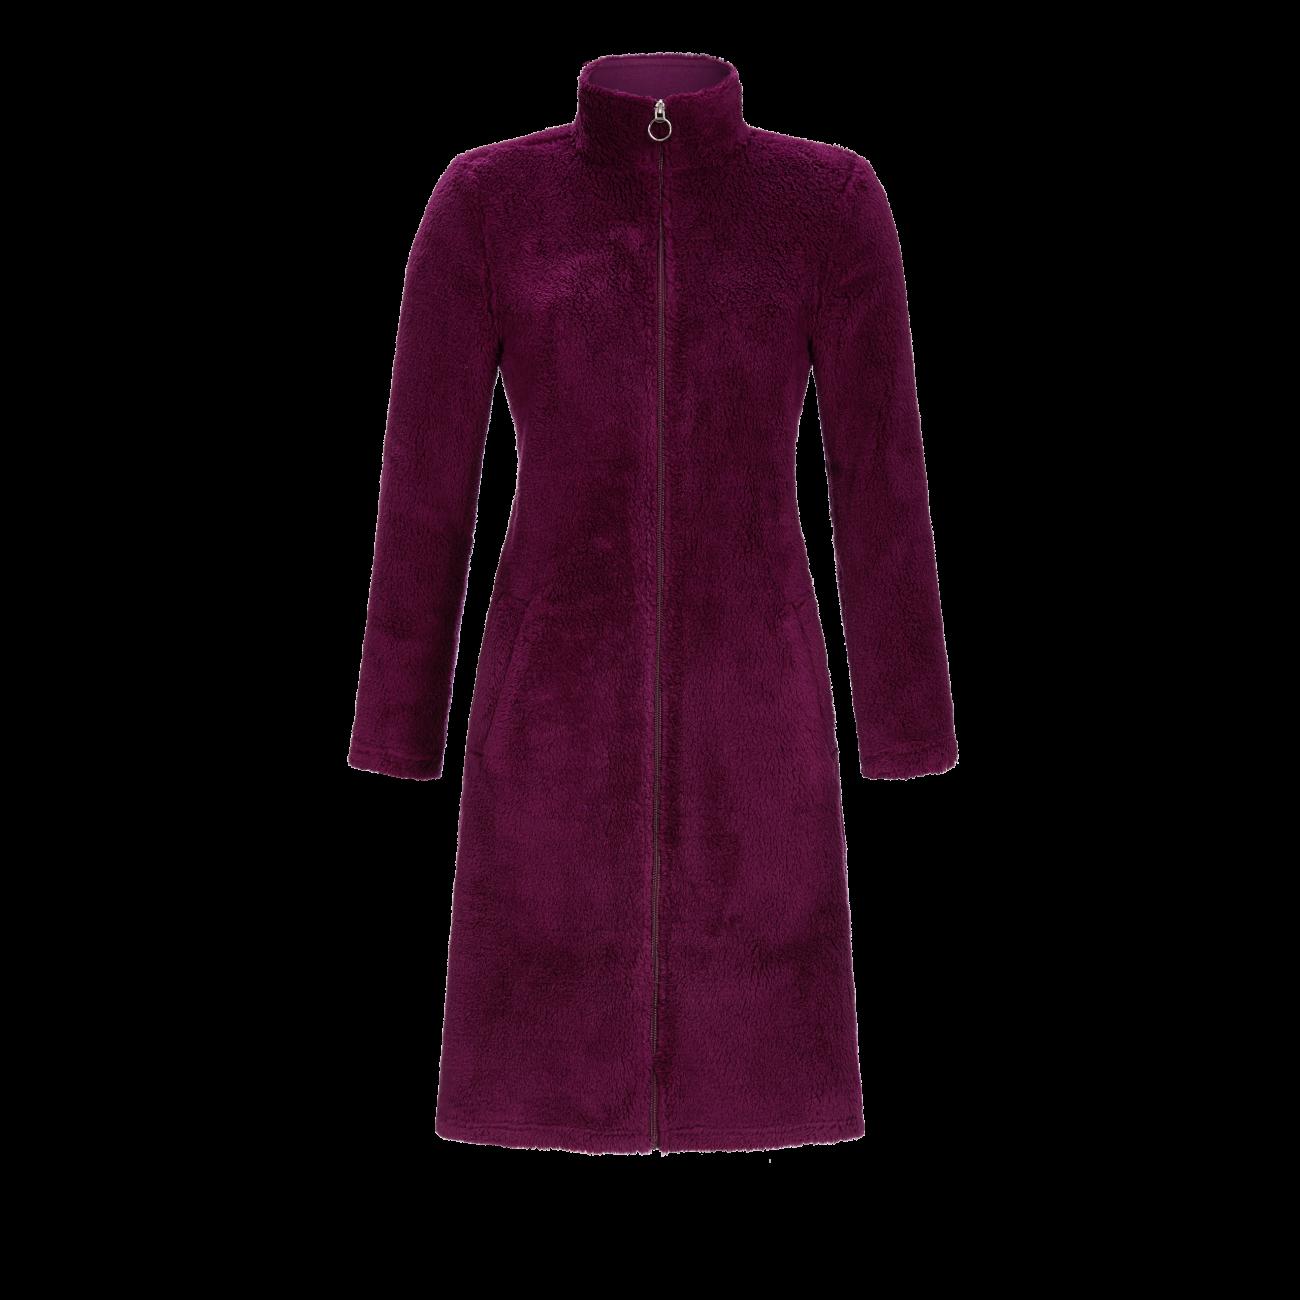 Mantel mit Reißverschluß burgund | 44